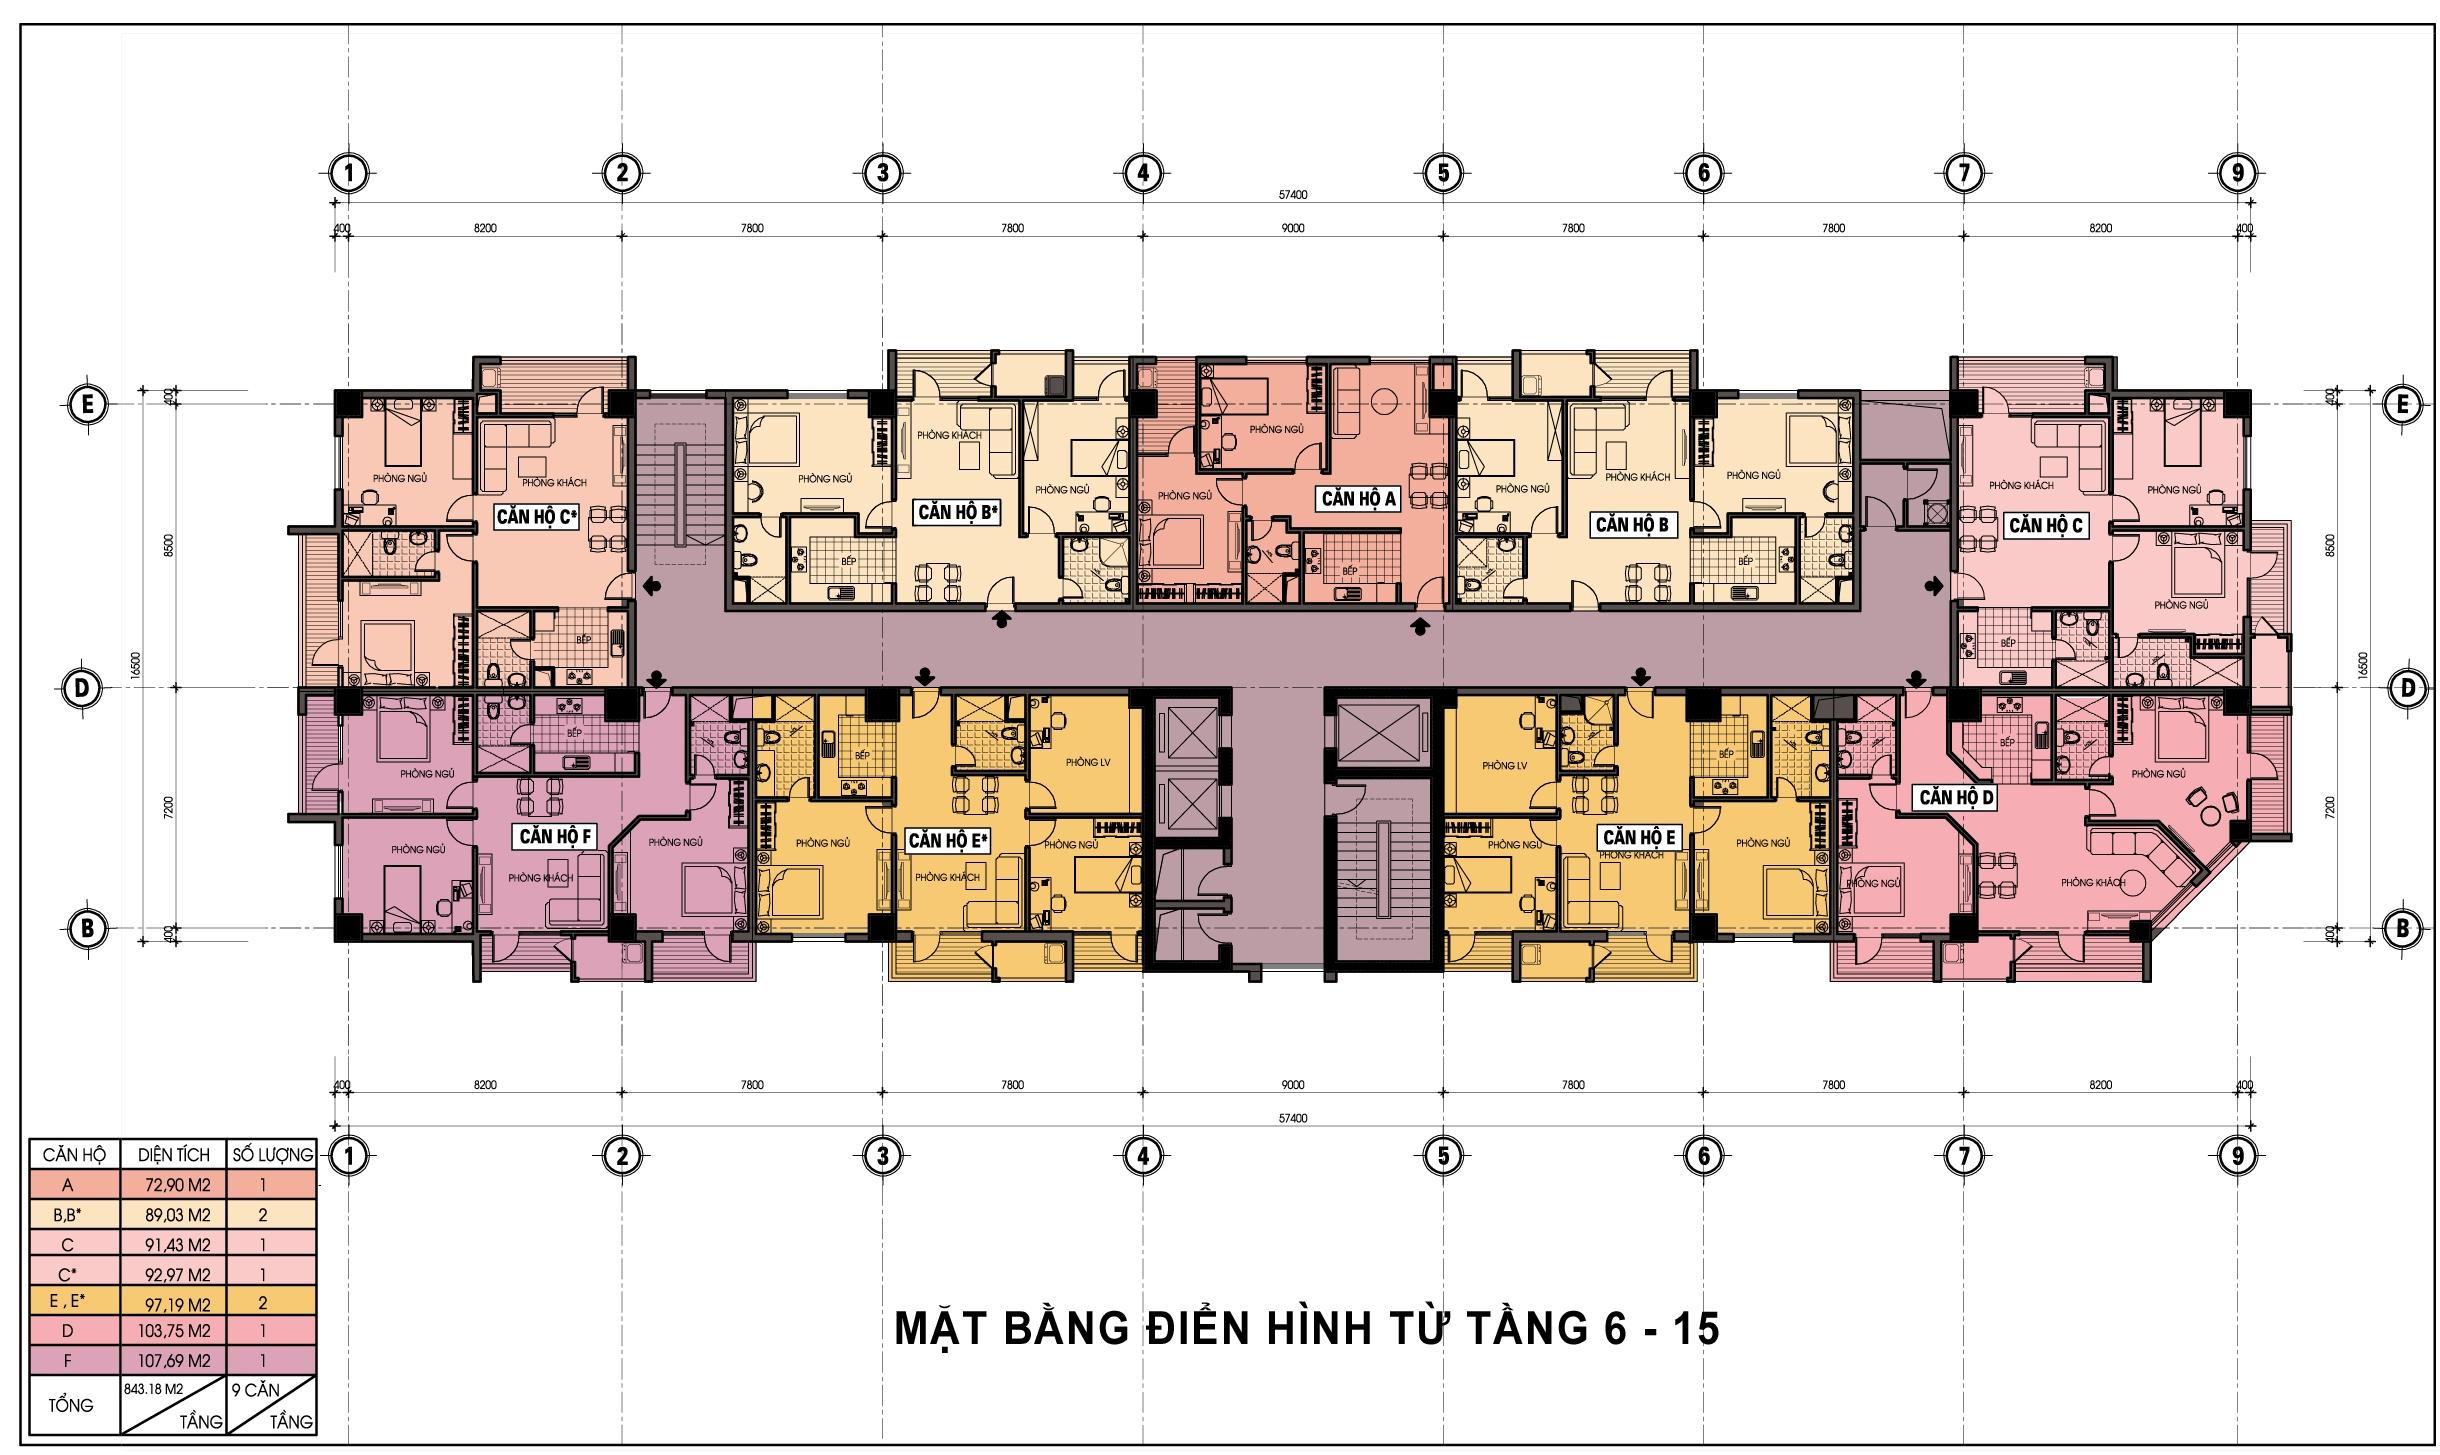 matbangtangdienhinhdiamondblue615 1405096740 Tổng quan và quy mô khu chung cư Diamond Blue